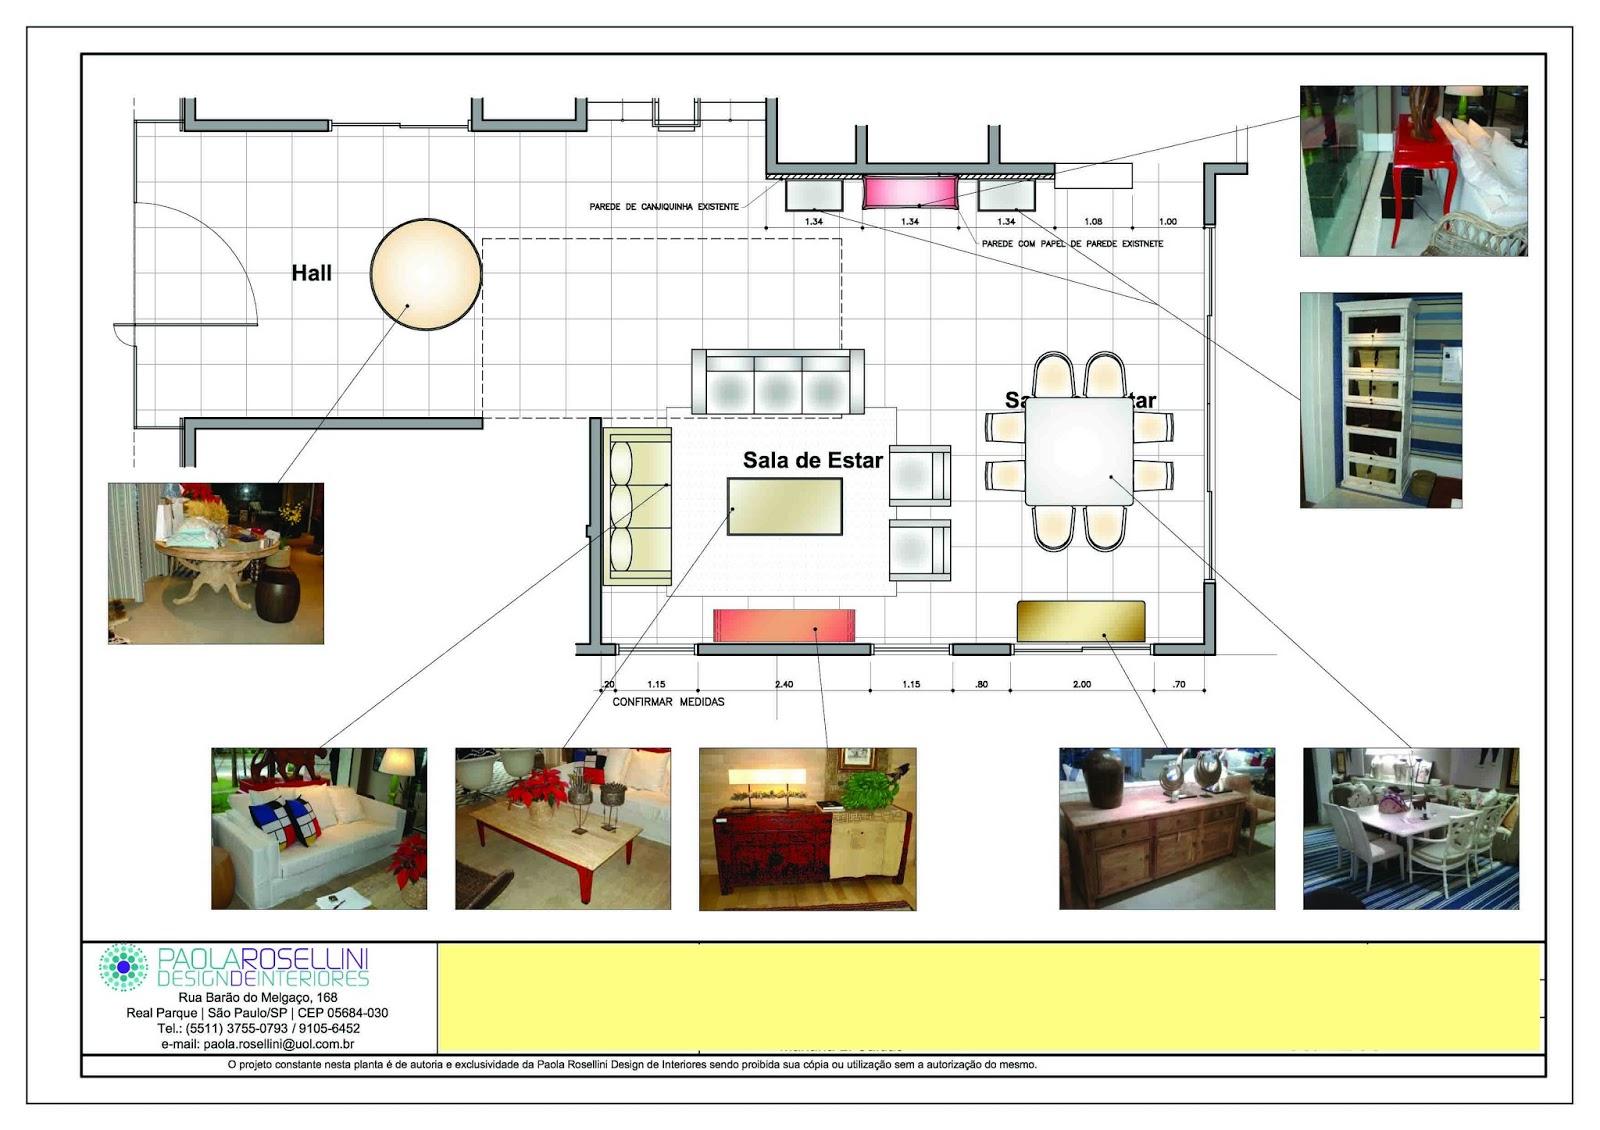 ideias e projetos de decoracao de interiores:MARIANA PROJETISTA: Arquitetura #:Nichos de projeto de interiores